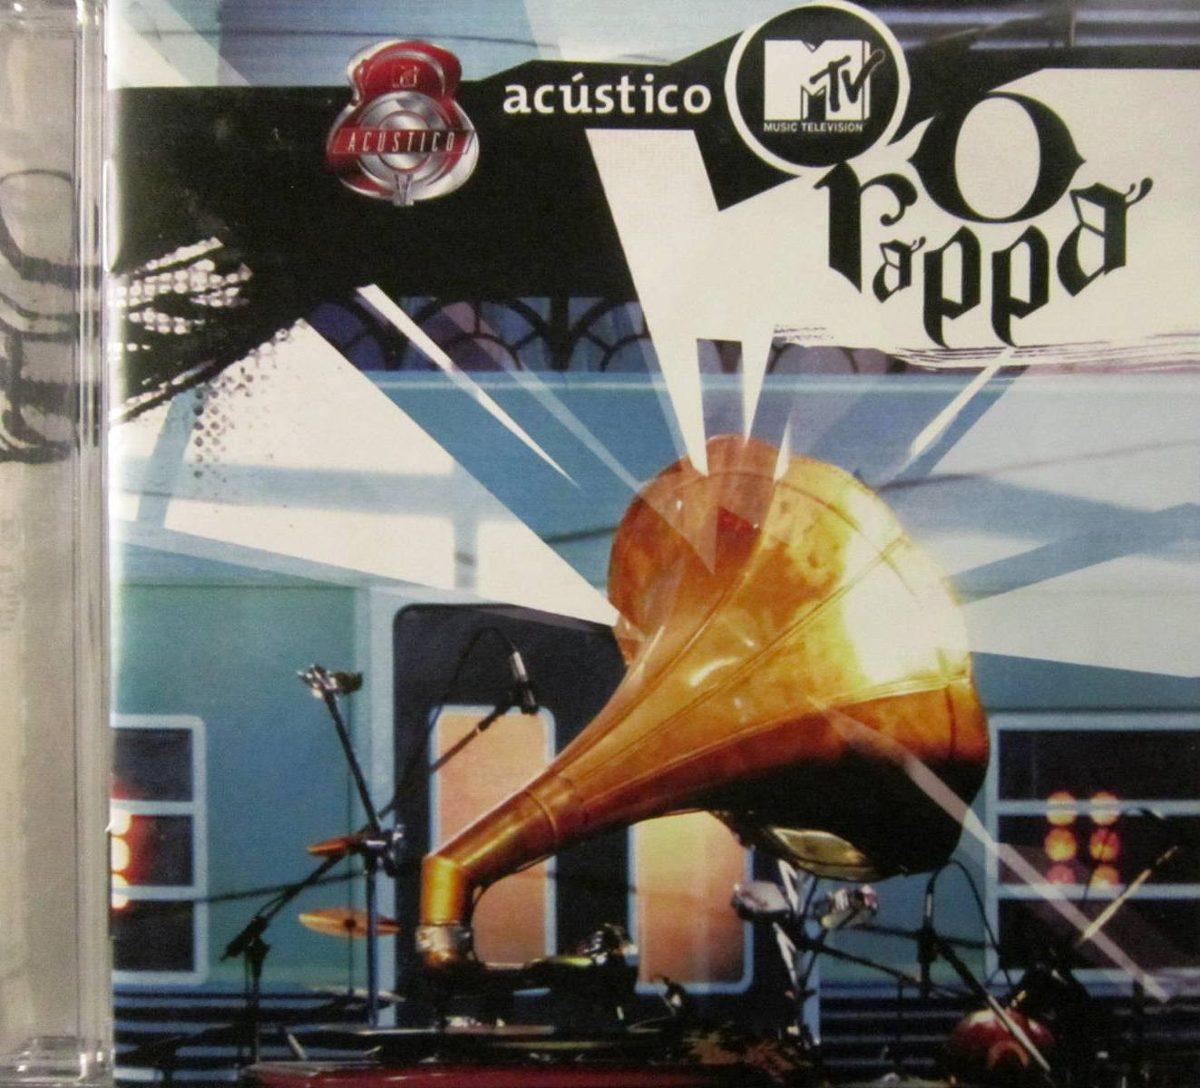 dvd completo o rappa acustico mtv